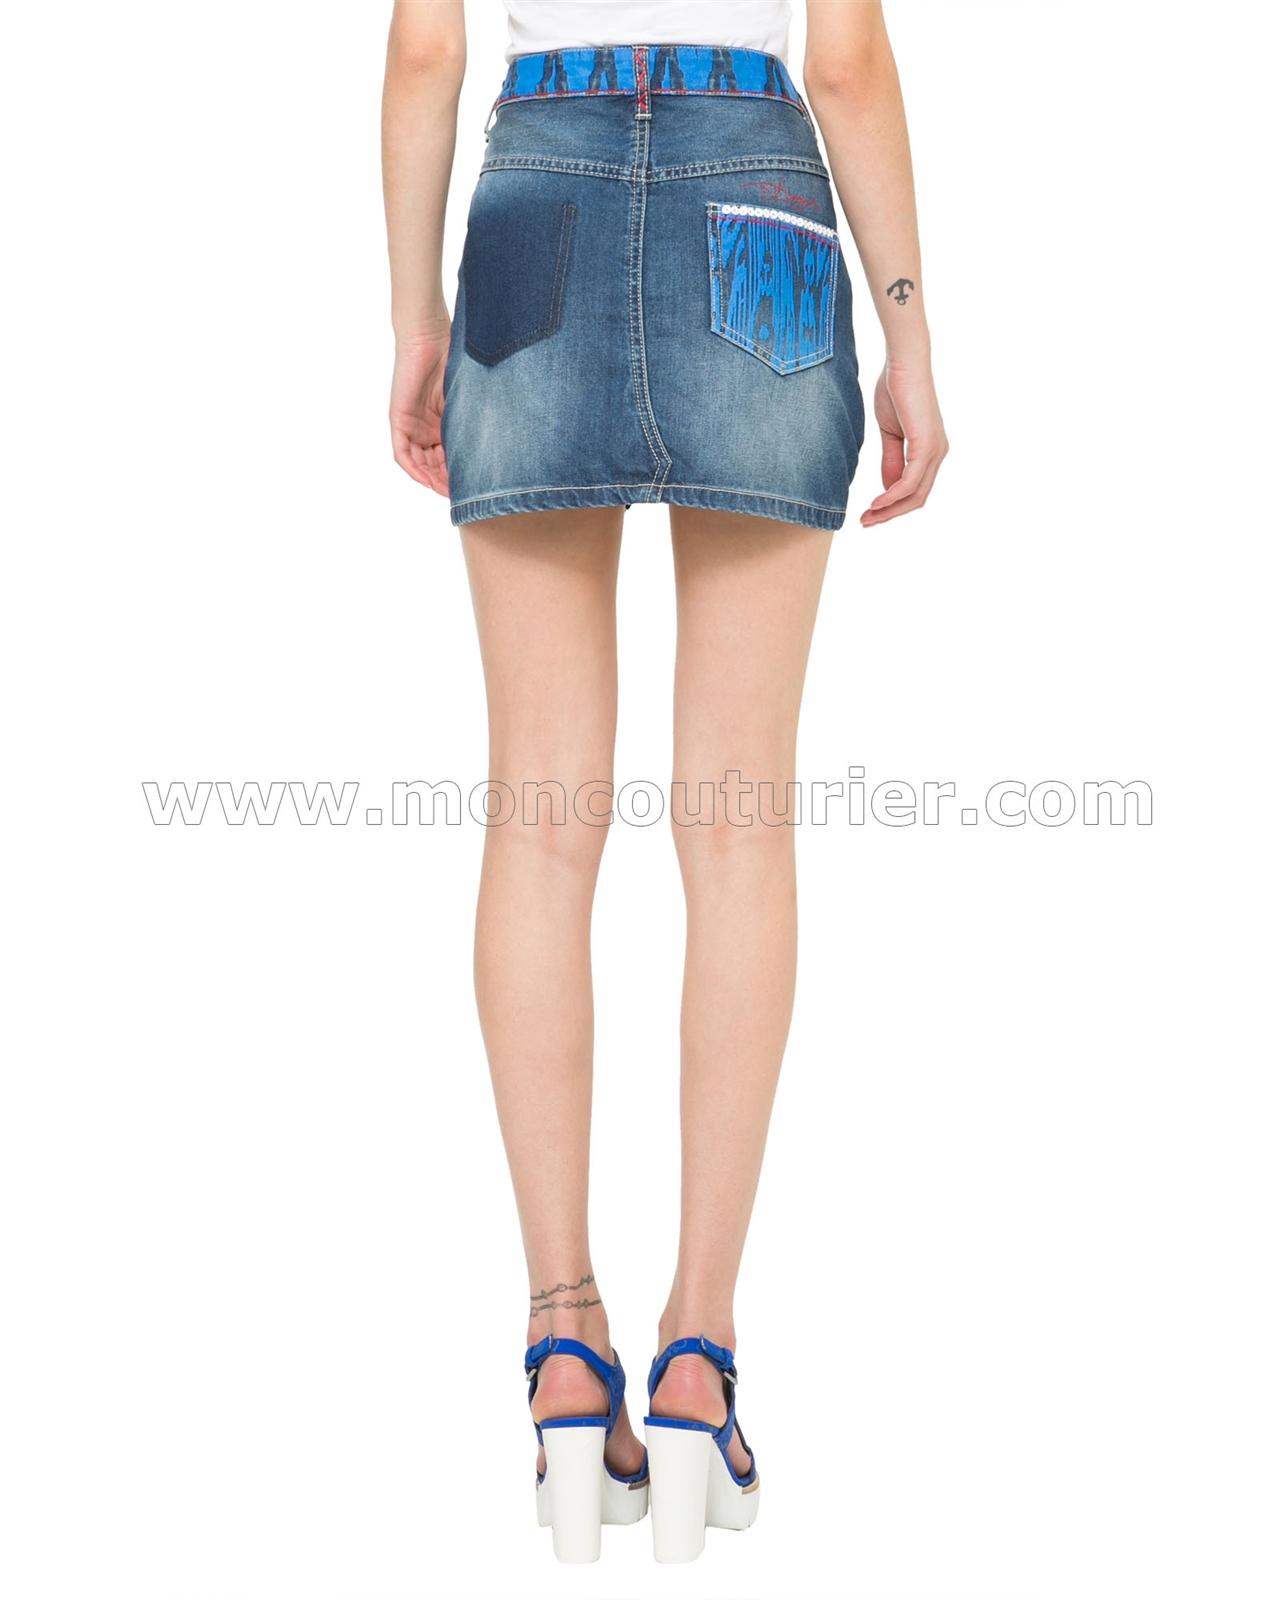 a7ffa19fa9 Desigual by Lacroix Womens' Denim Skirt Ethnic Mini - Desigual ...